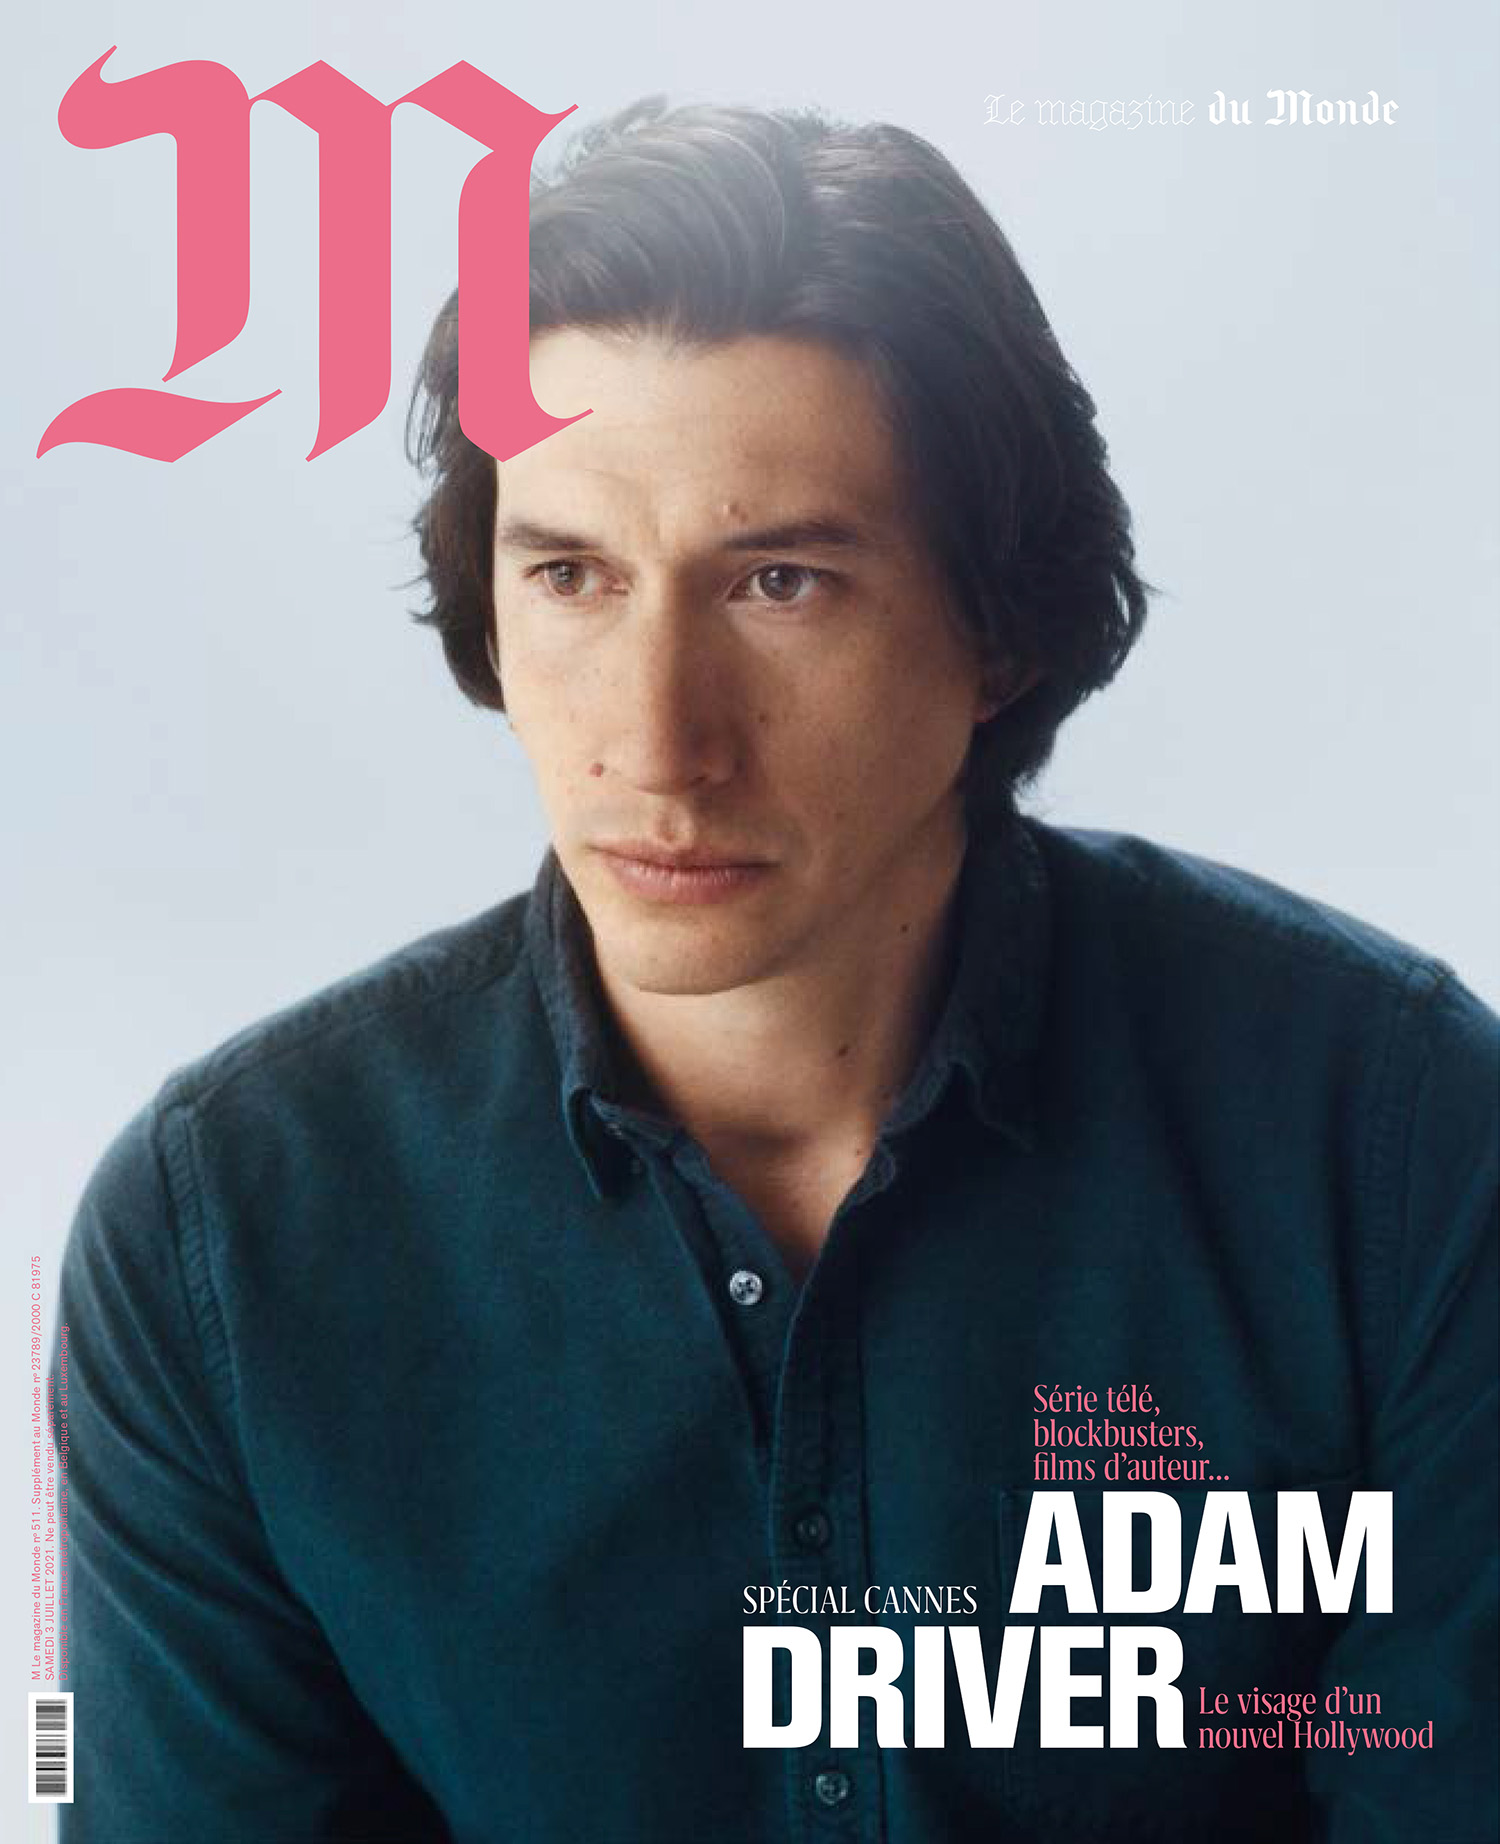 Adam Driver covers M Le magazine du Monde July 3rd, 2021 by Daniel Shea